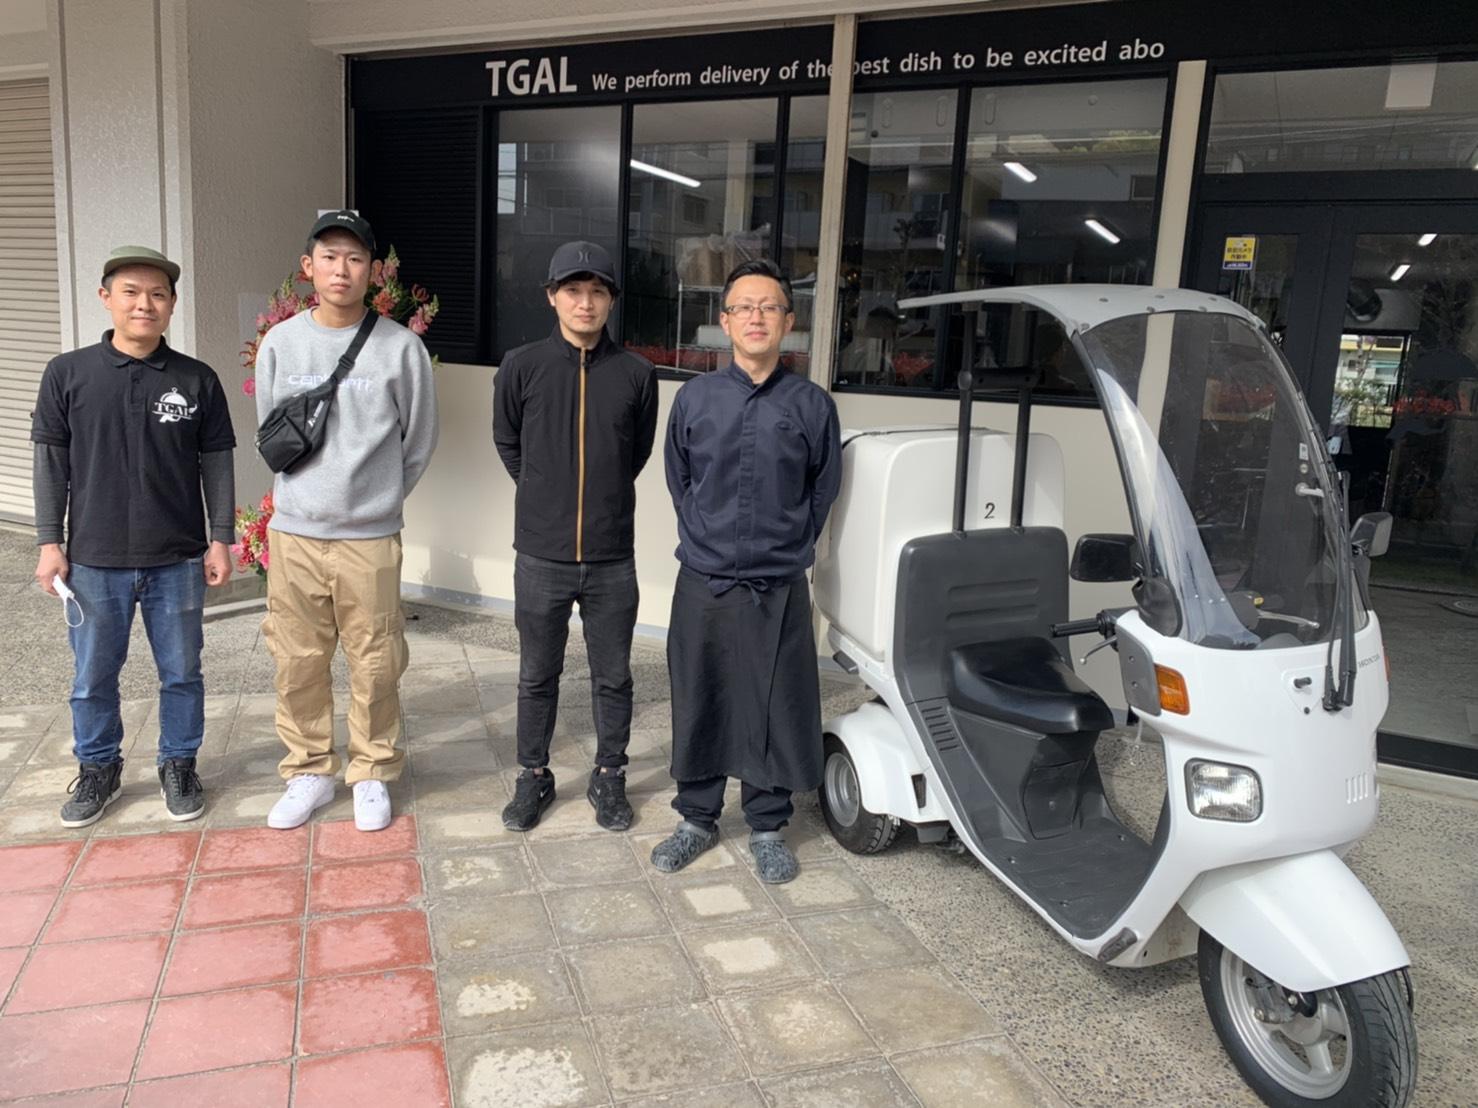 【新店舗】TGALデリバリー福岡東店が3月24日にオープン致しました。